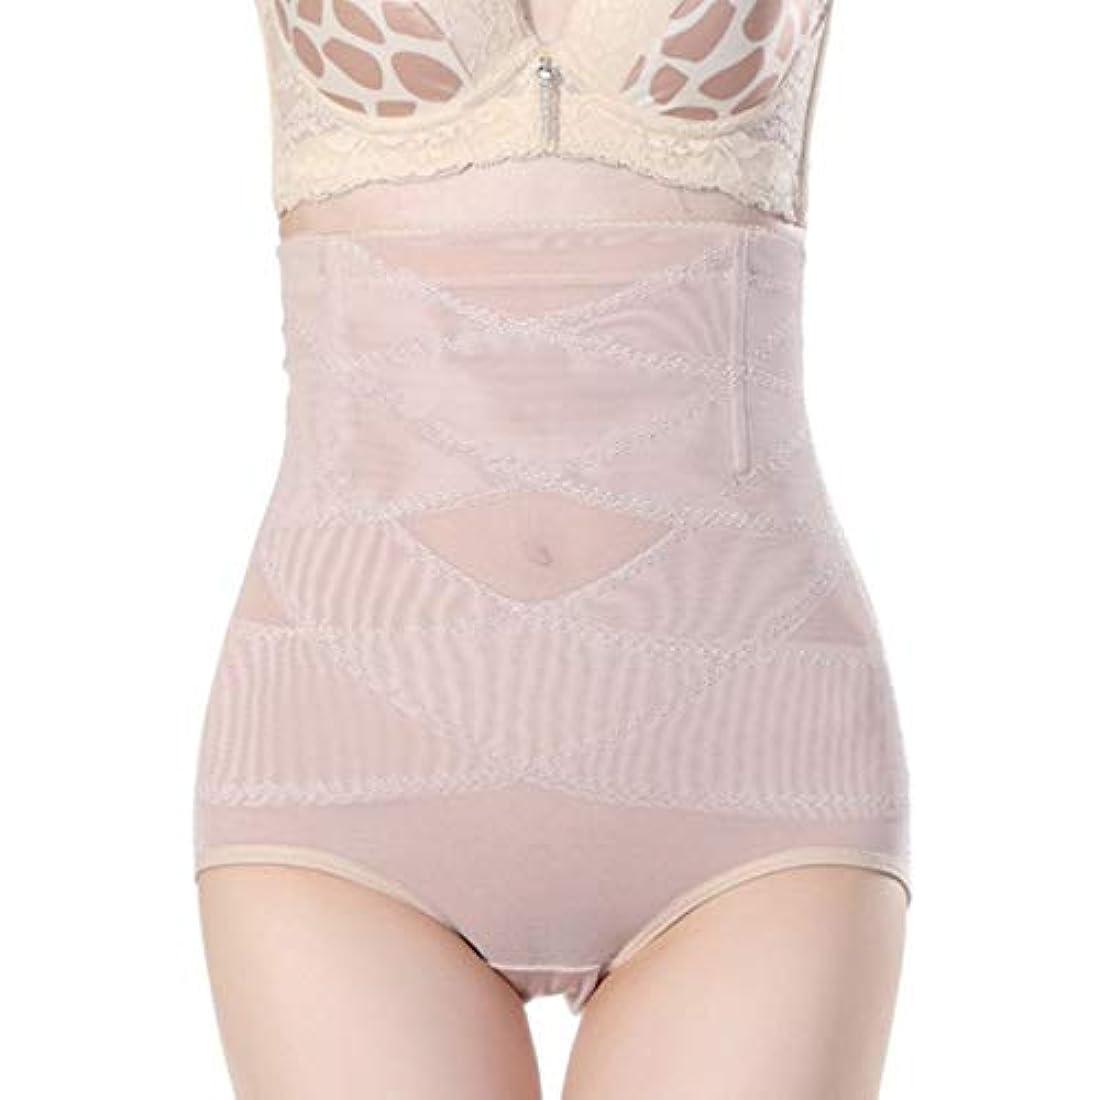 ちっちゃい恐怖でも腹部制御下着シームレスおなかコントロールパンティーバットリフターボディシェイパーを痩身通気性のハイウエストの女性 - 肌色3 XL